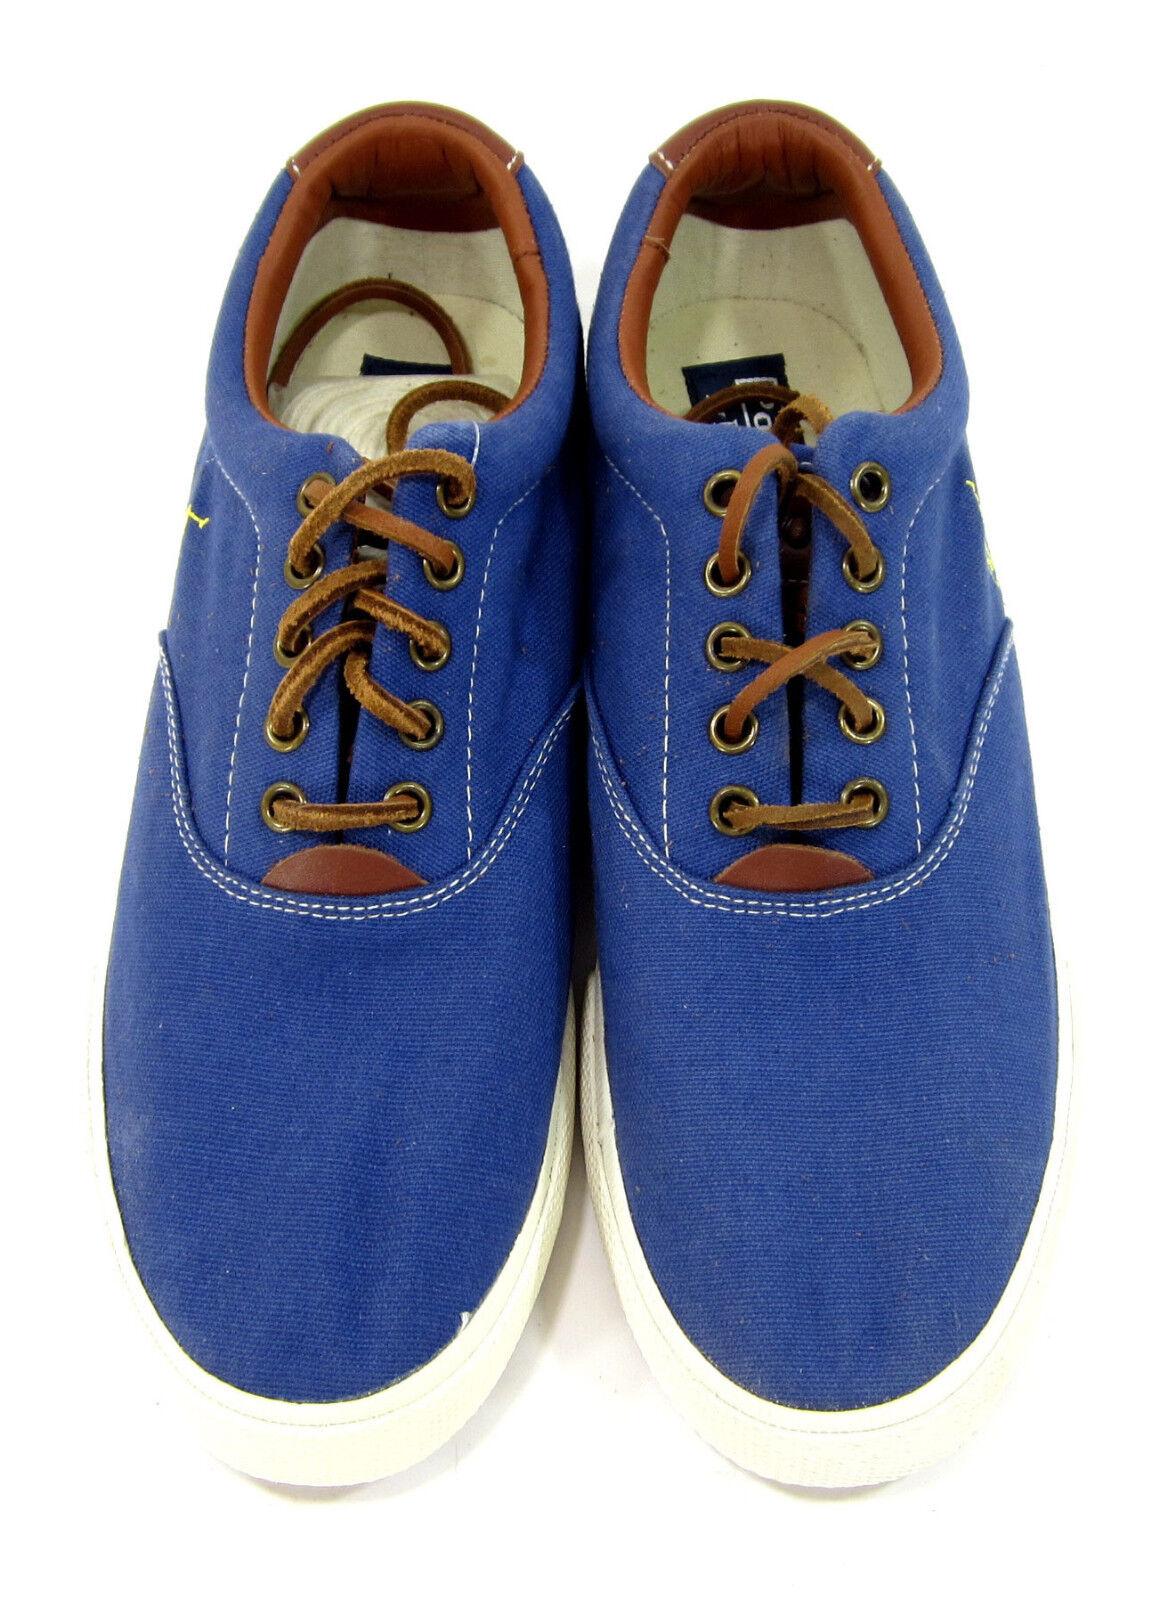 polo ralph lauren e vaughn atletico tela blu scarpe 9,5 taglia delle scarpe 9,5 scarpe 46adbb